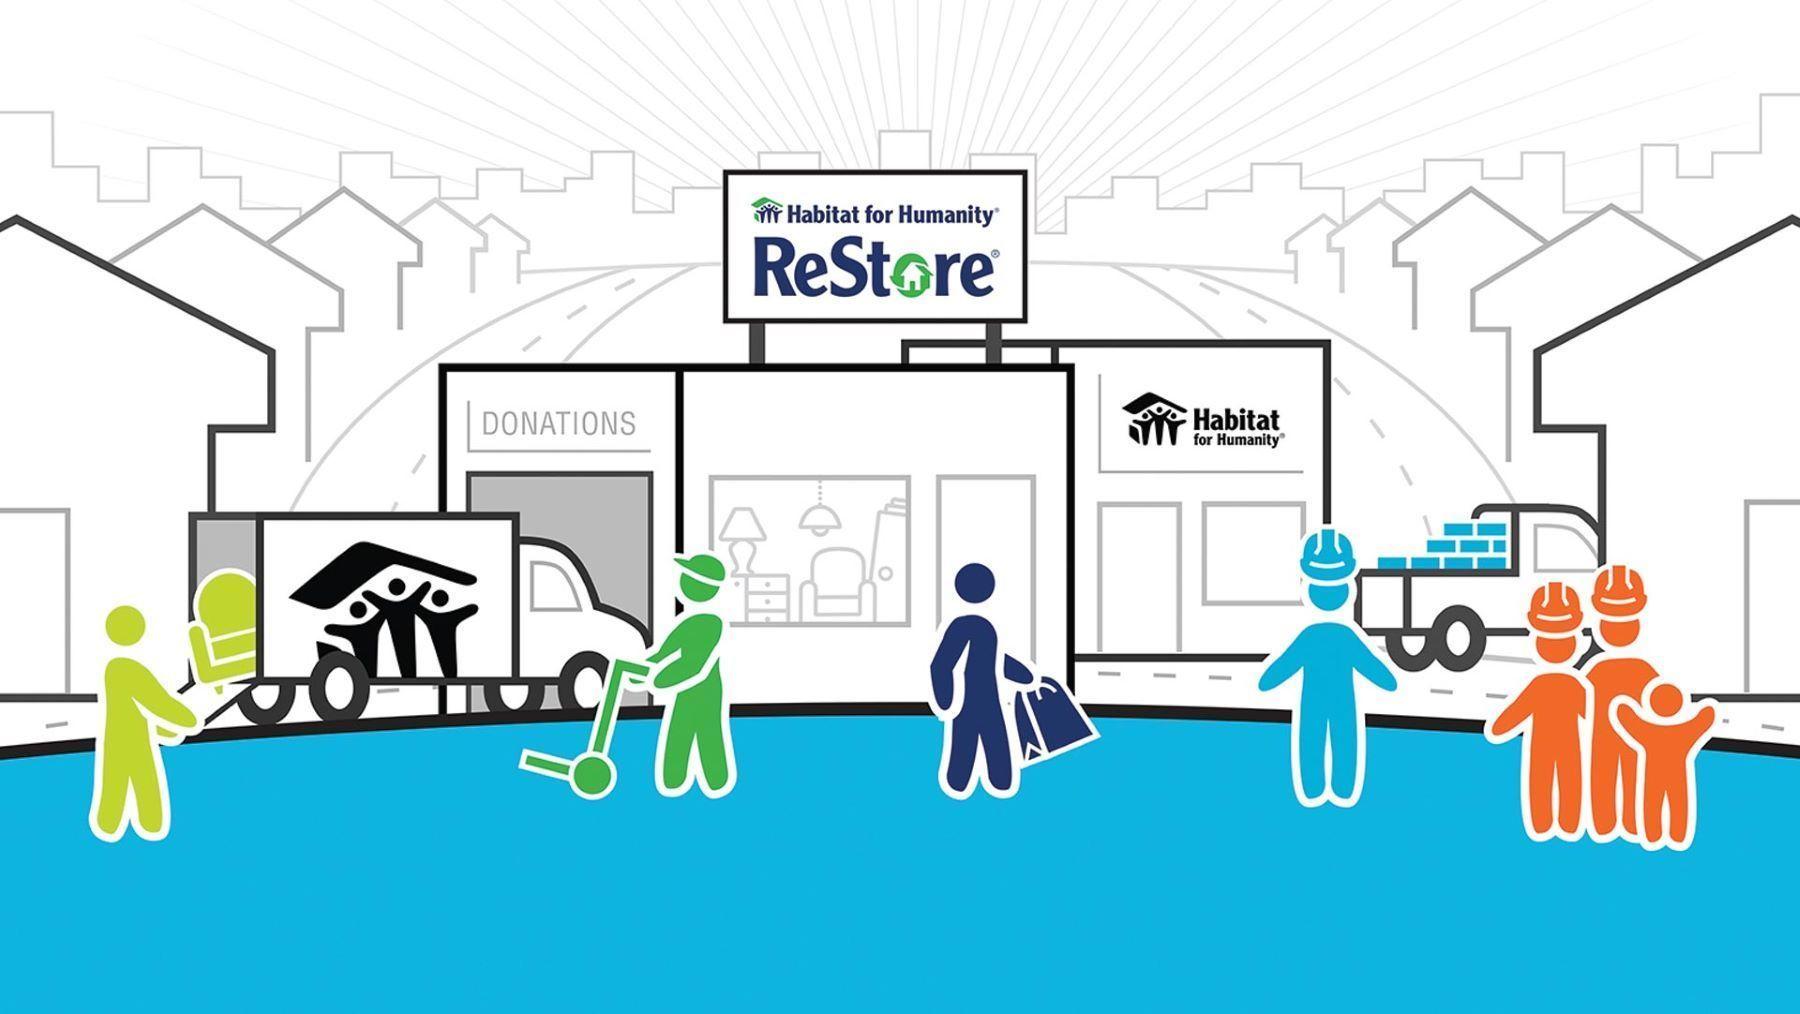 The ReStore